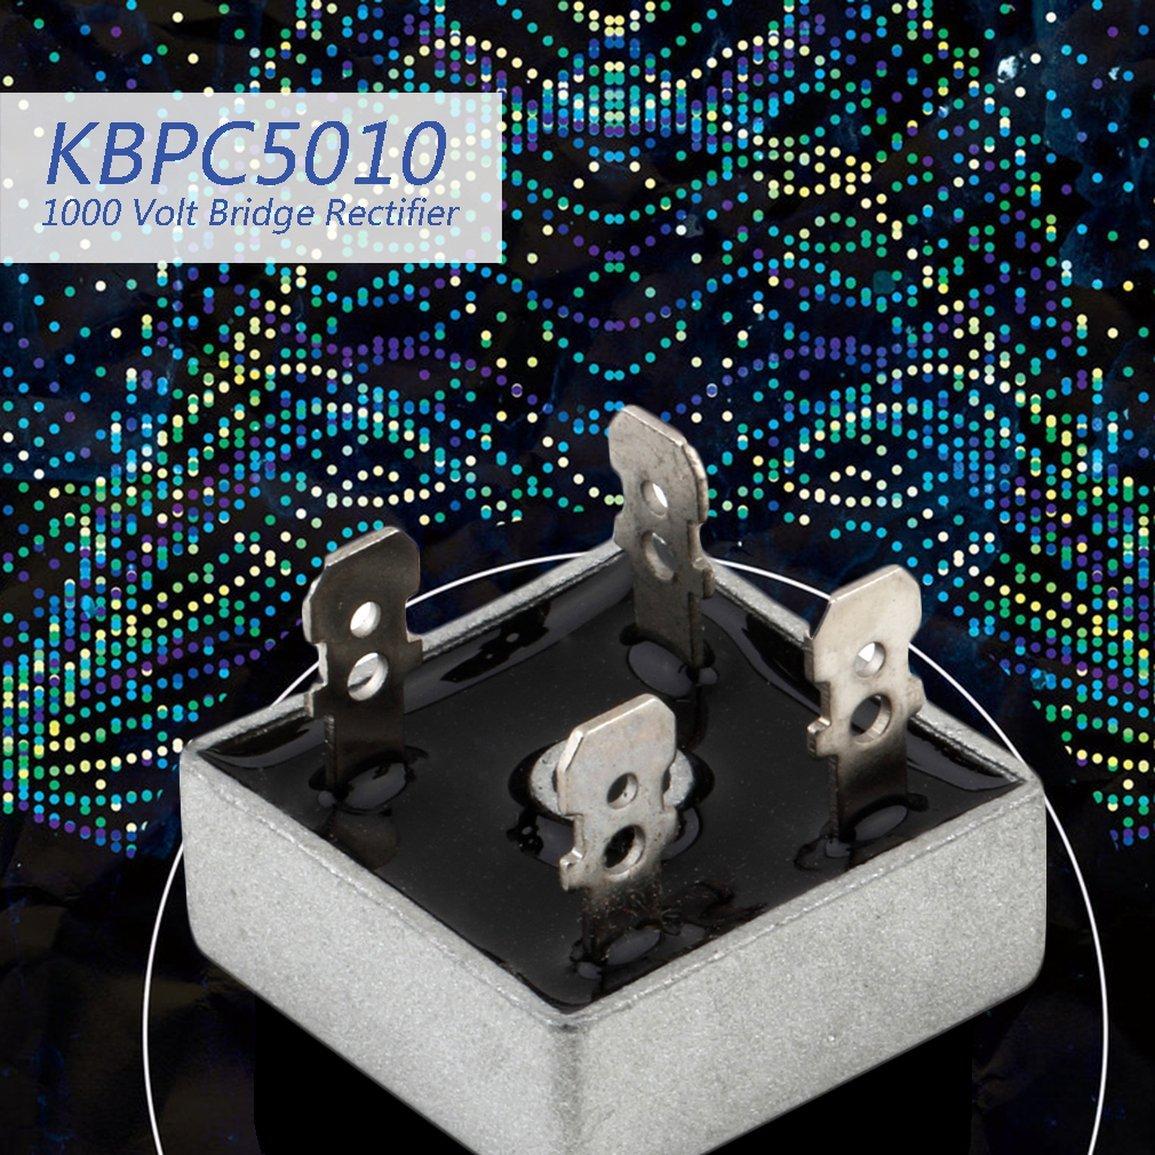 KBPC5010 1000 Volt pont redresseur 50 Amp 50A Bo/îtier m/étallique pour le chauffage Dissipation 1000V forme carr/ée Phases diode unique Pont